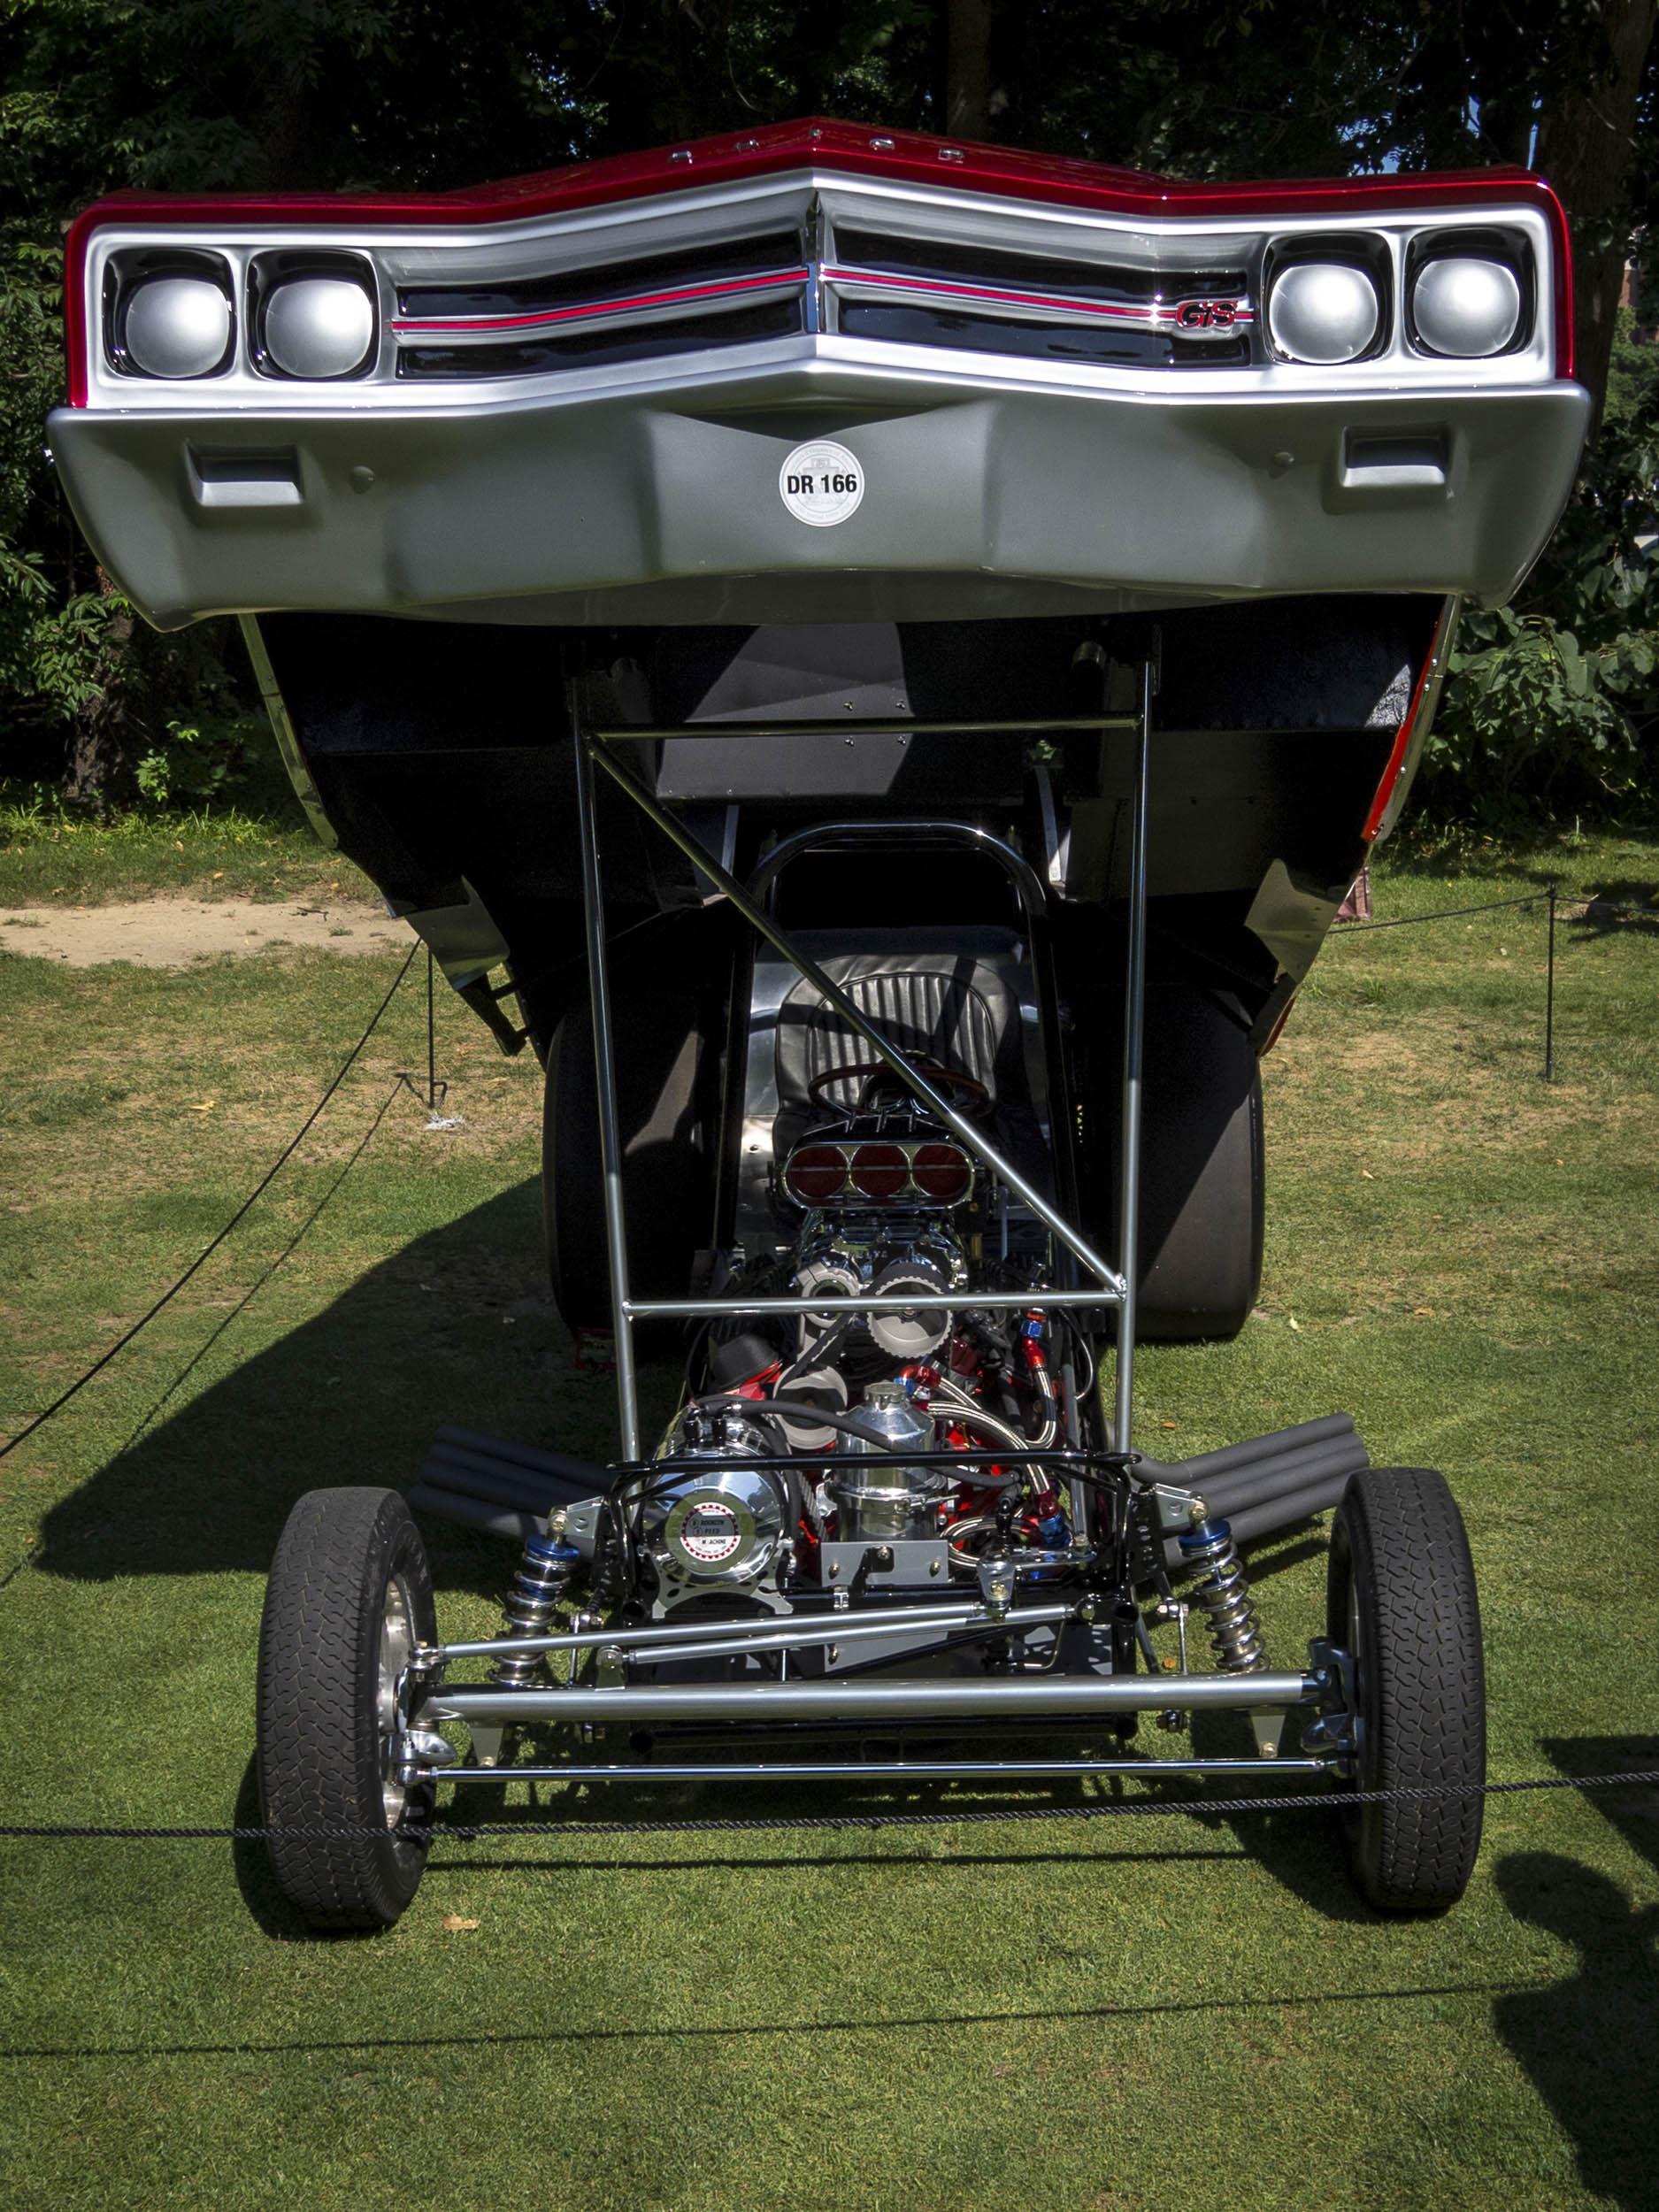 Drag race funny car